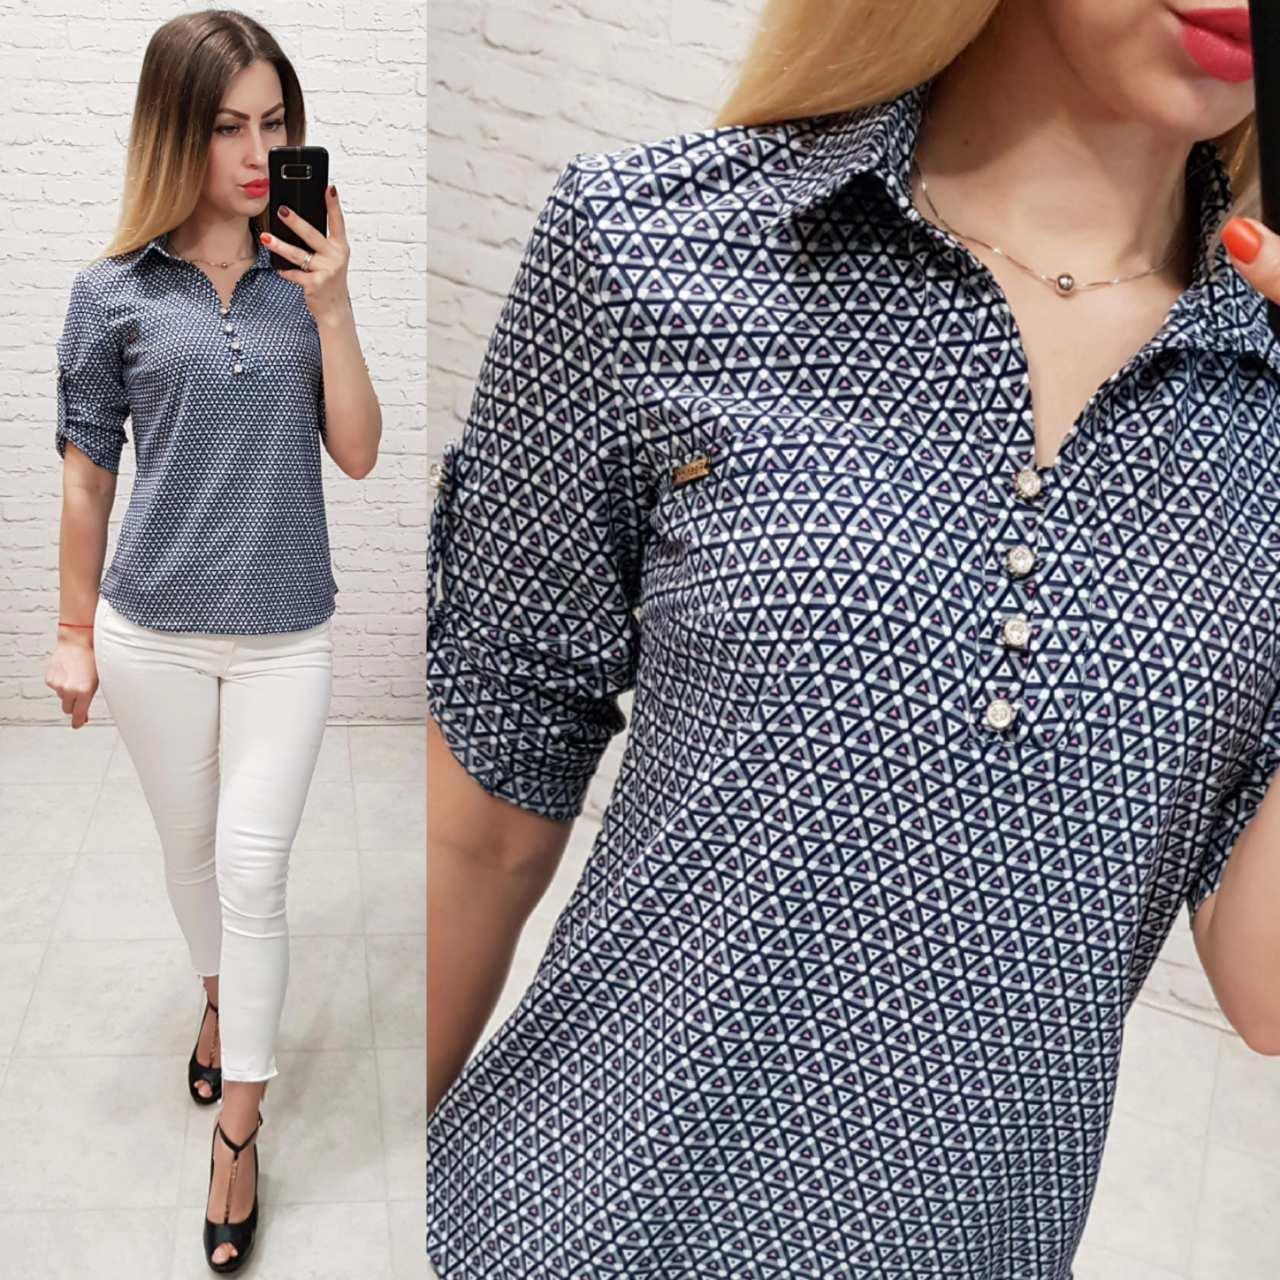 Блузка/блуза - рубашка с пуговками на груди, модель 828 , принт геометрия